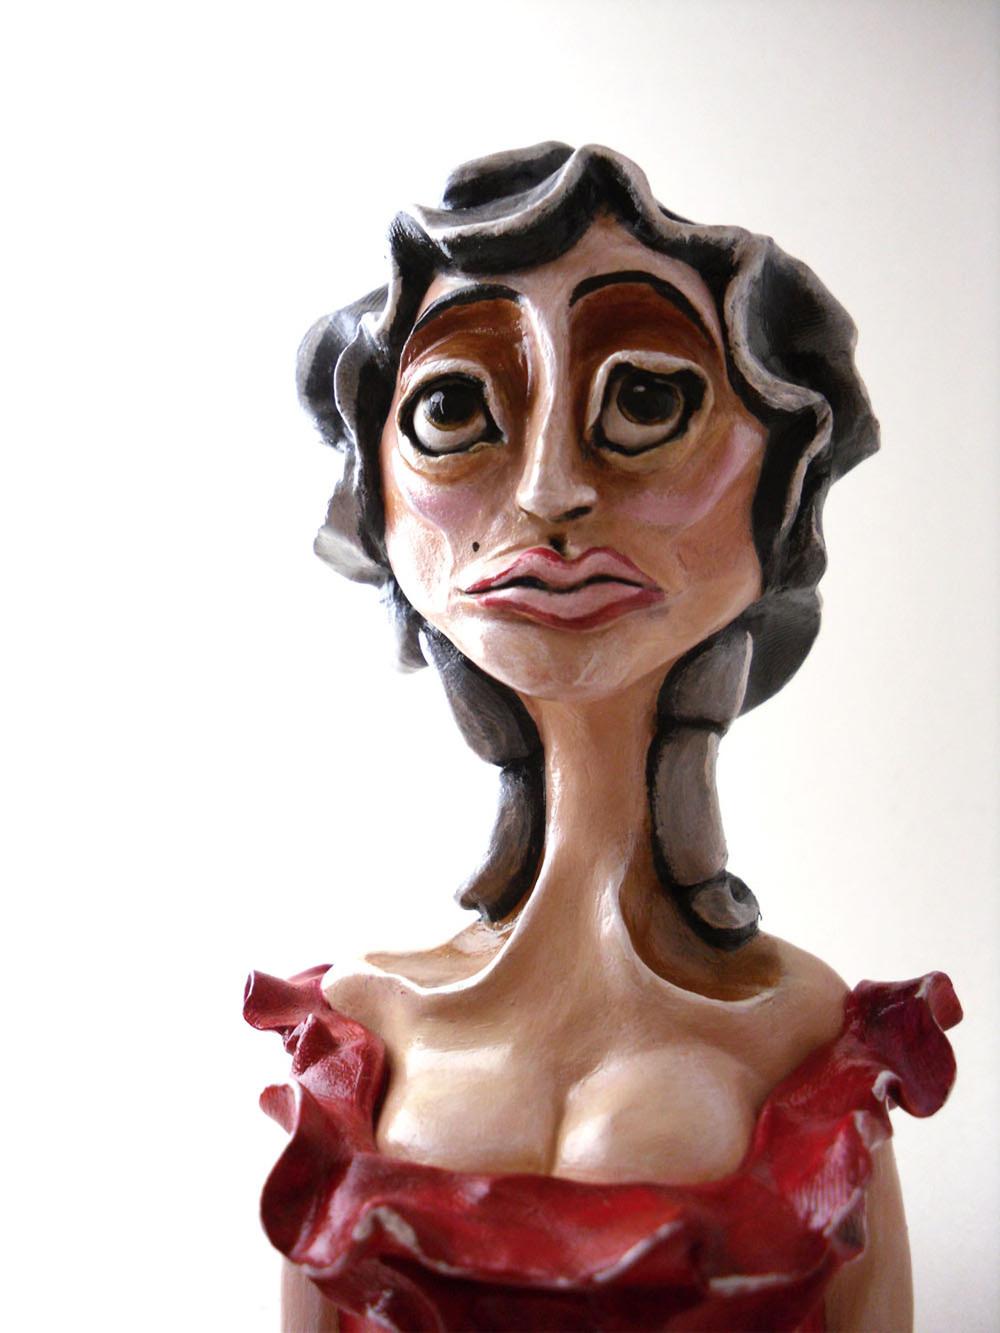 Ms. Lona